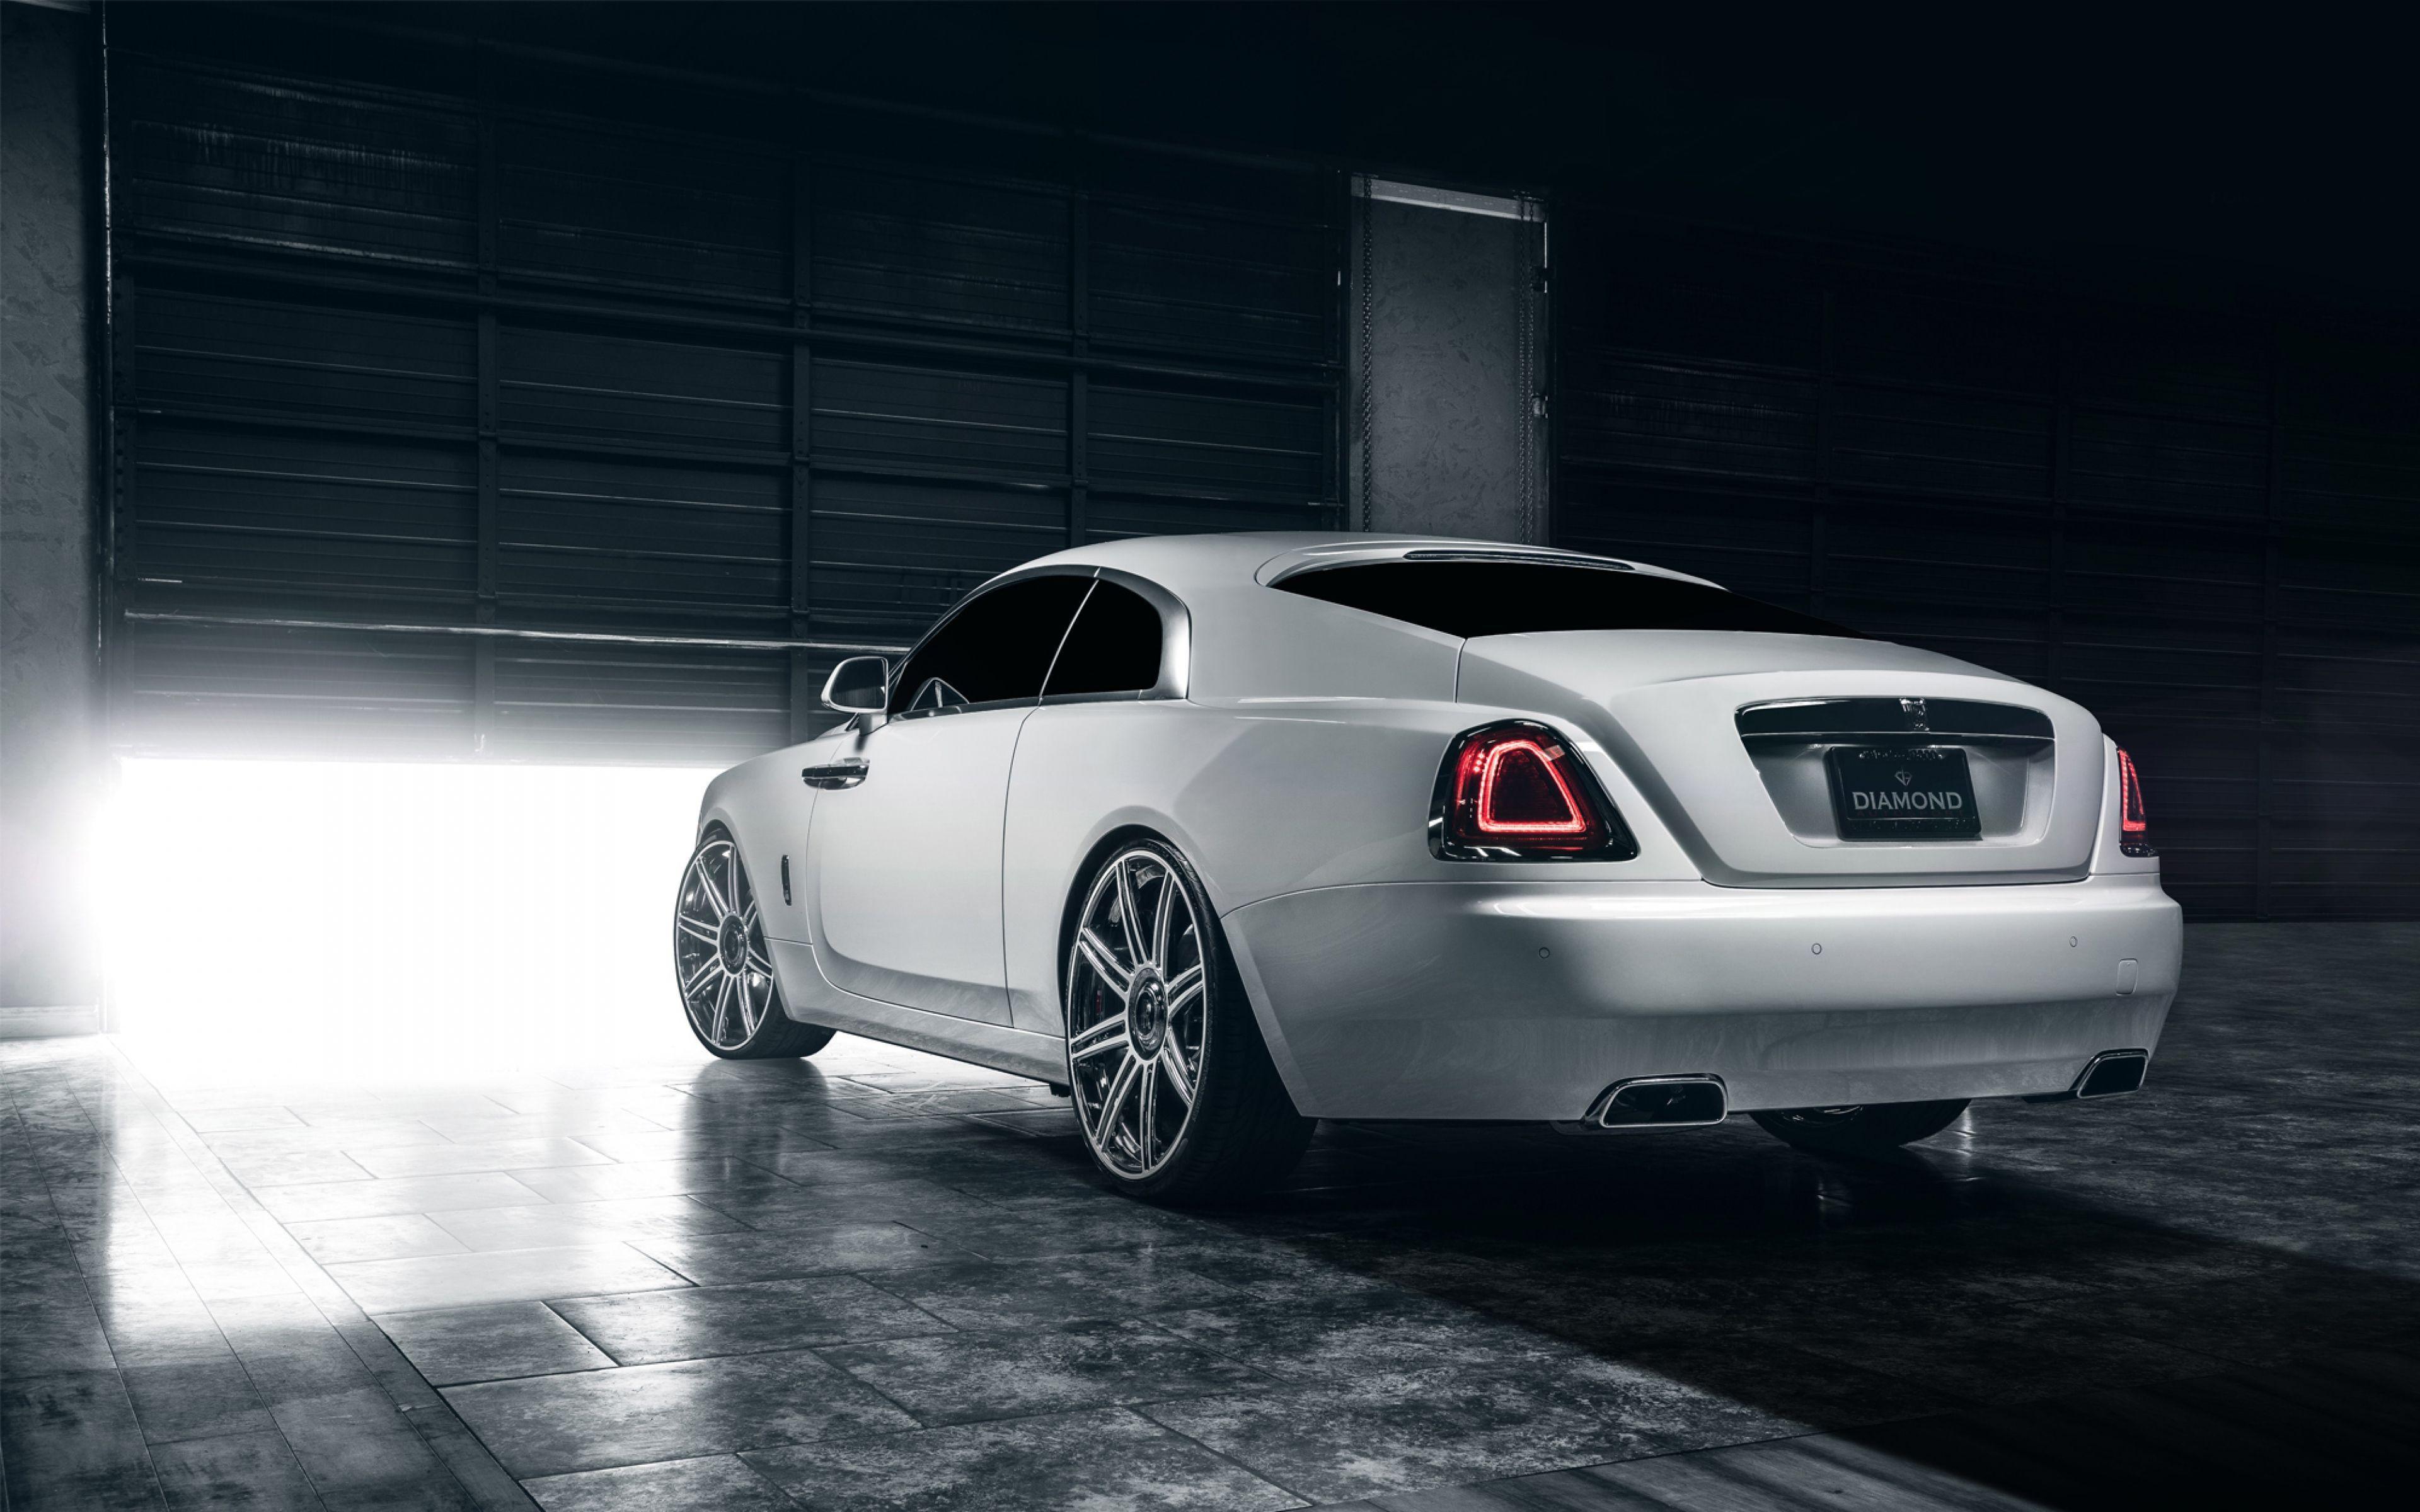 Rolls Royce 4k Wallpapers Top Free Rolls Royce 4k Backgrounds